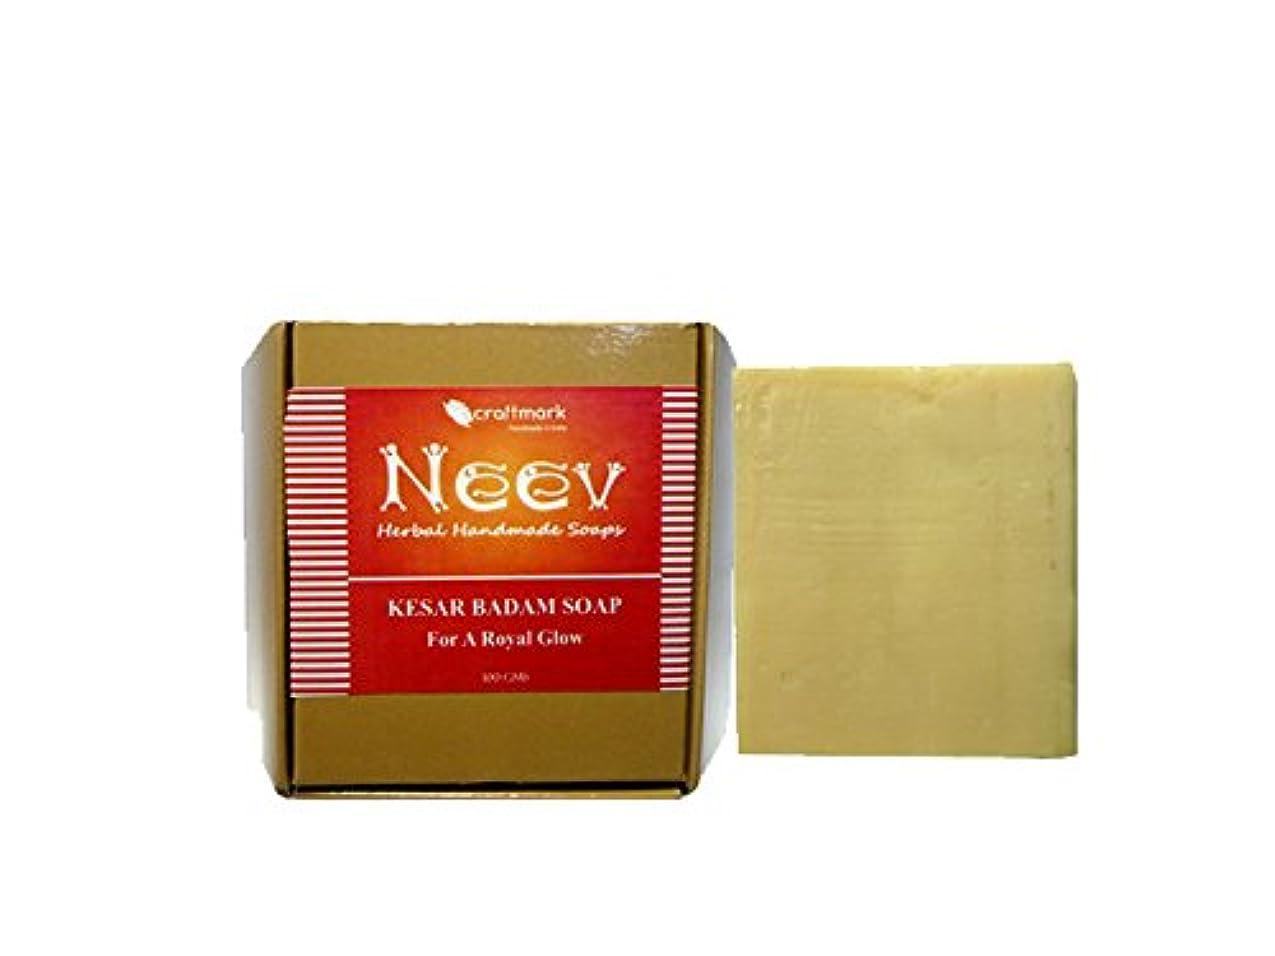 ニックネームカートリップ手作り ニーブ カサル バダム ソープ NEEV Herbal Kesar Badam SOAP For A Royal Glow